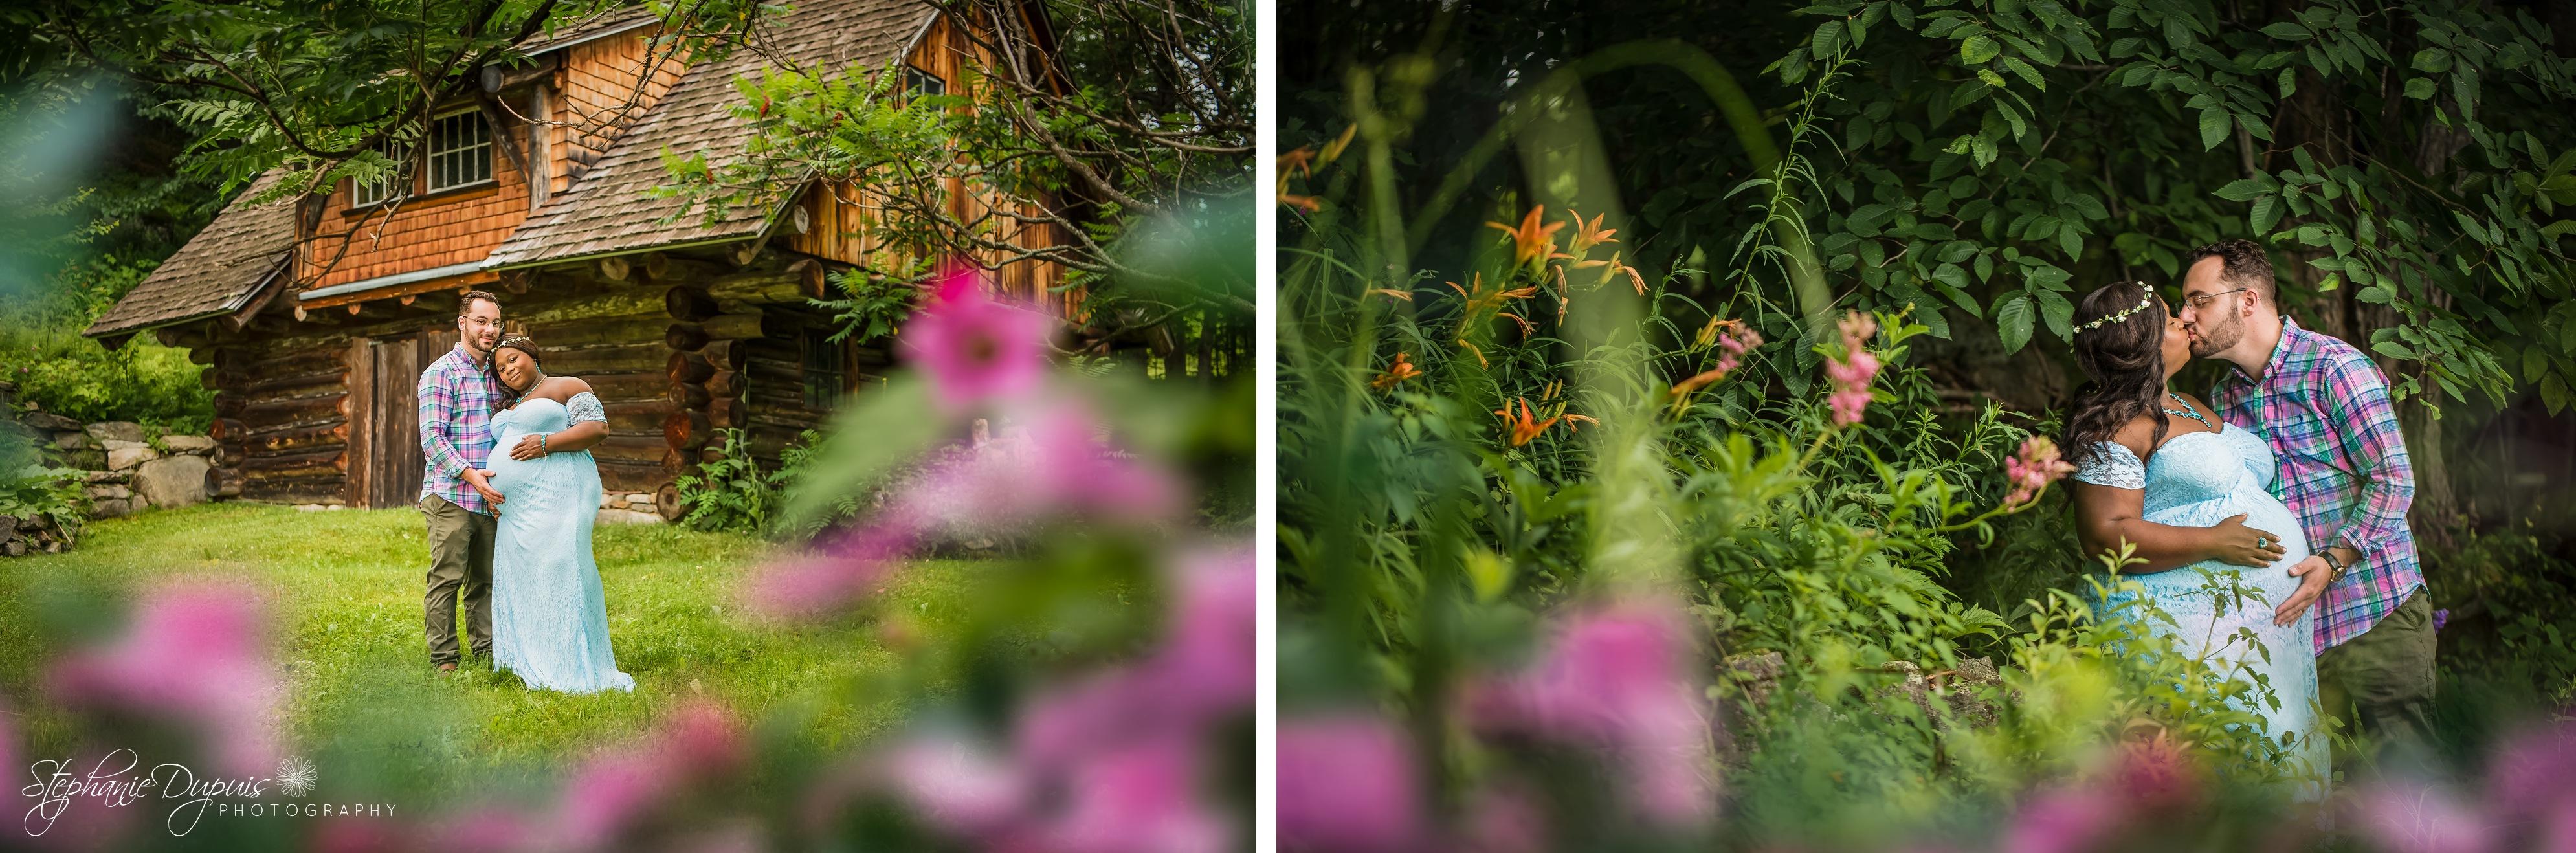 Stephane Double Landscape 1 - Portfolio: Stephane Maternity Session